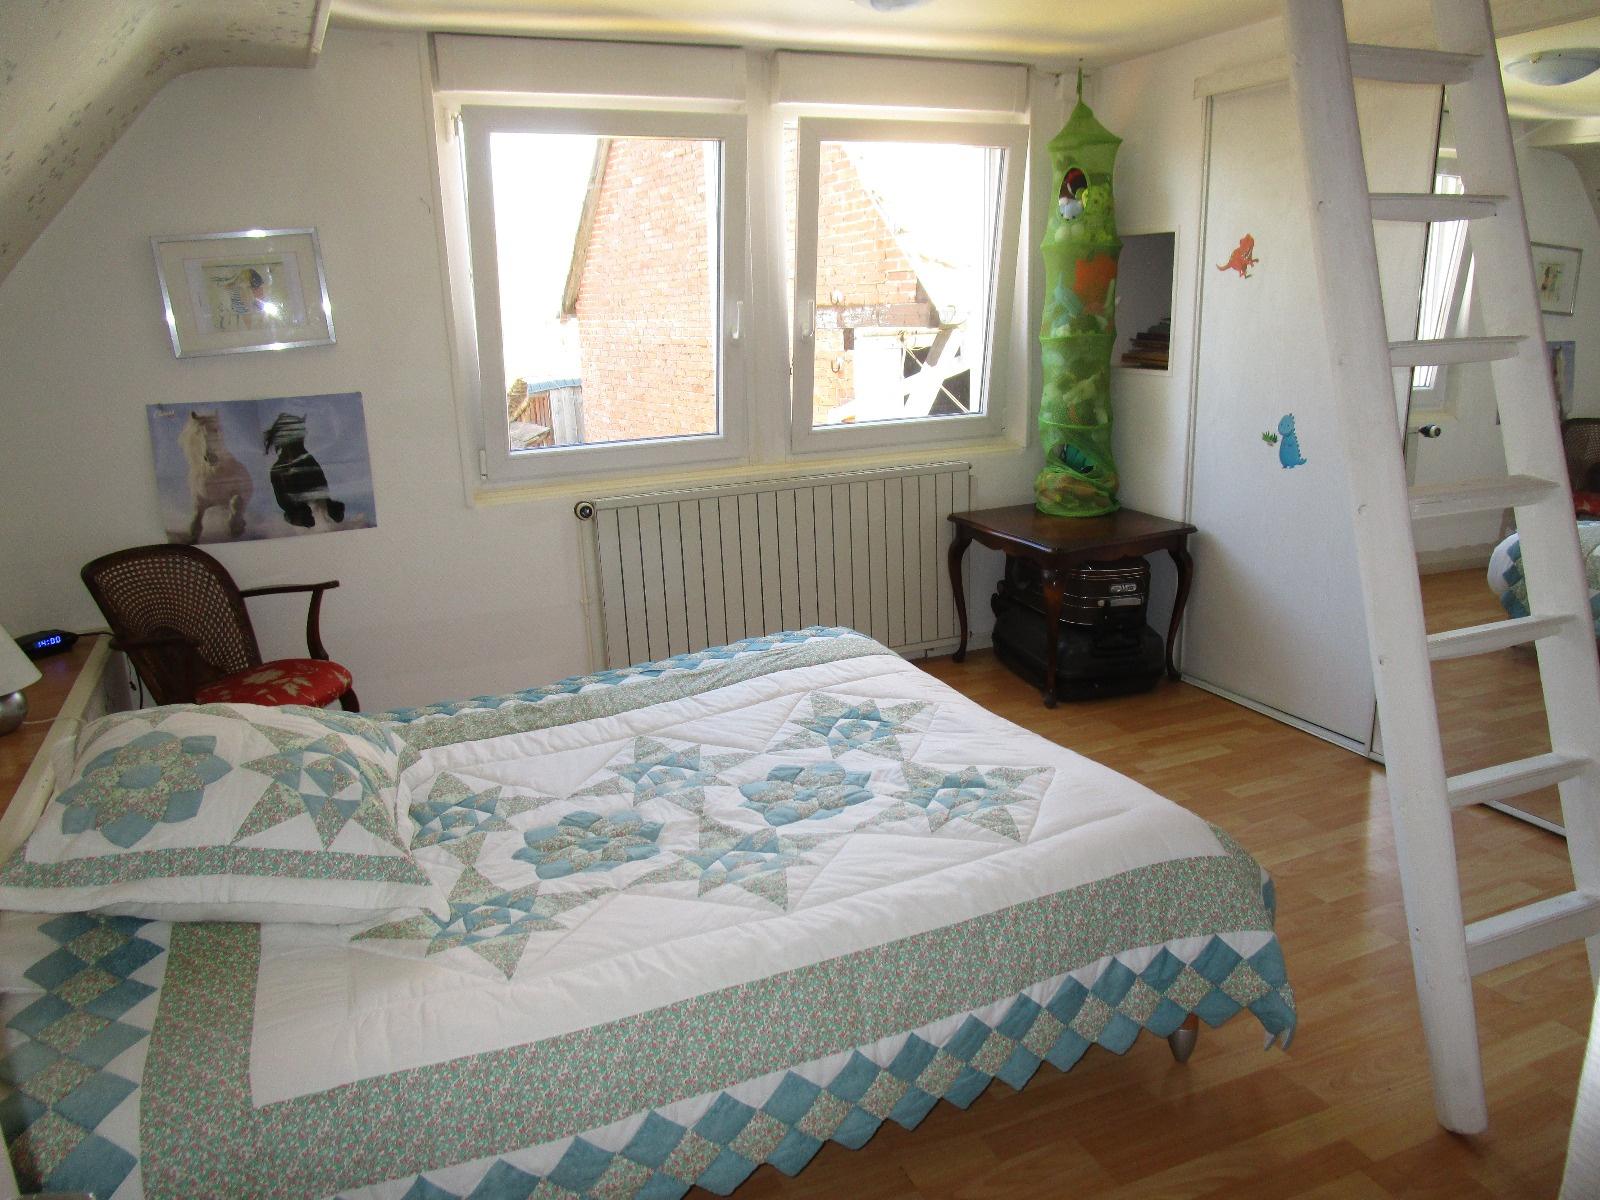 Vente beau potentiel maison et dependance - Duree vente immobiliere ...